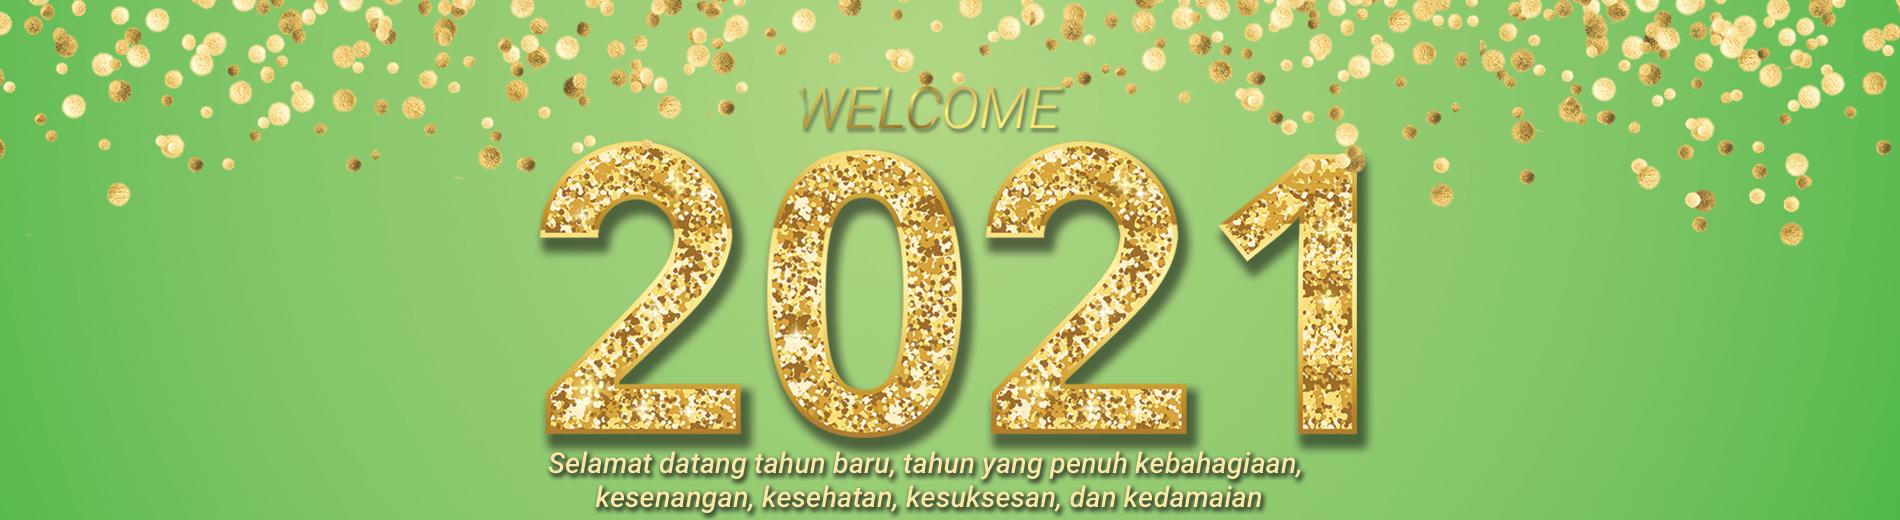 banner-tahun-baru-untuk-website-bali-dan-nusa-net-id